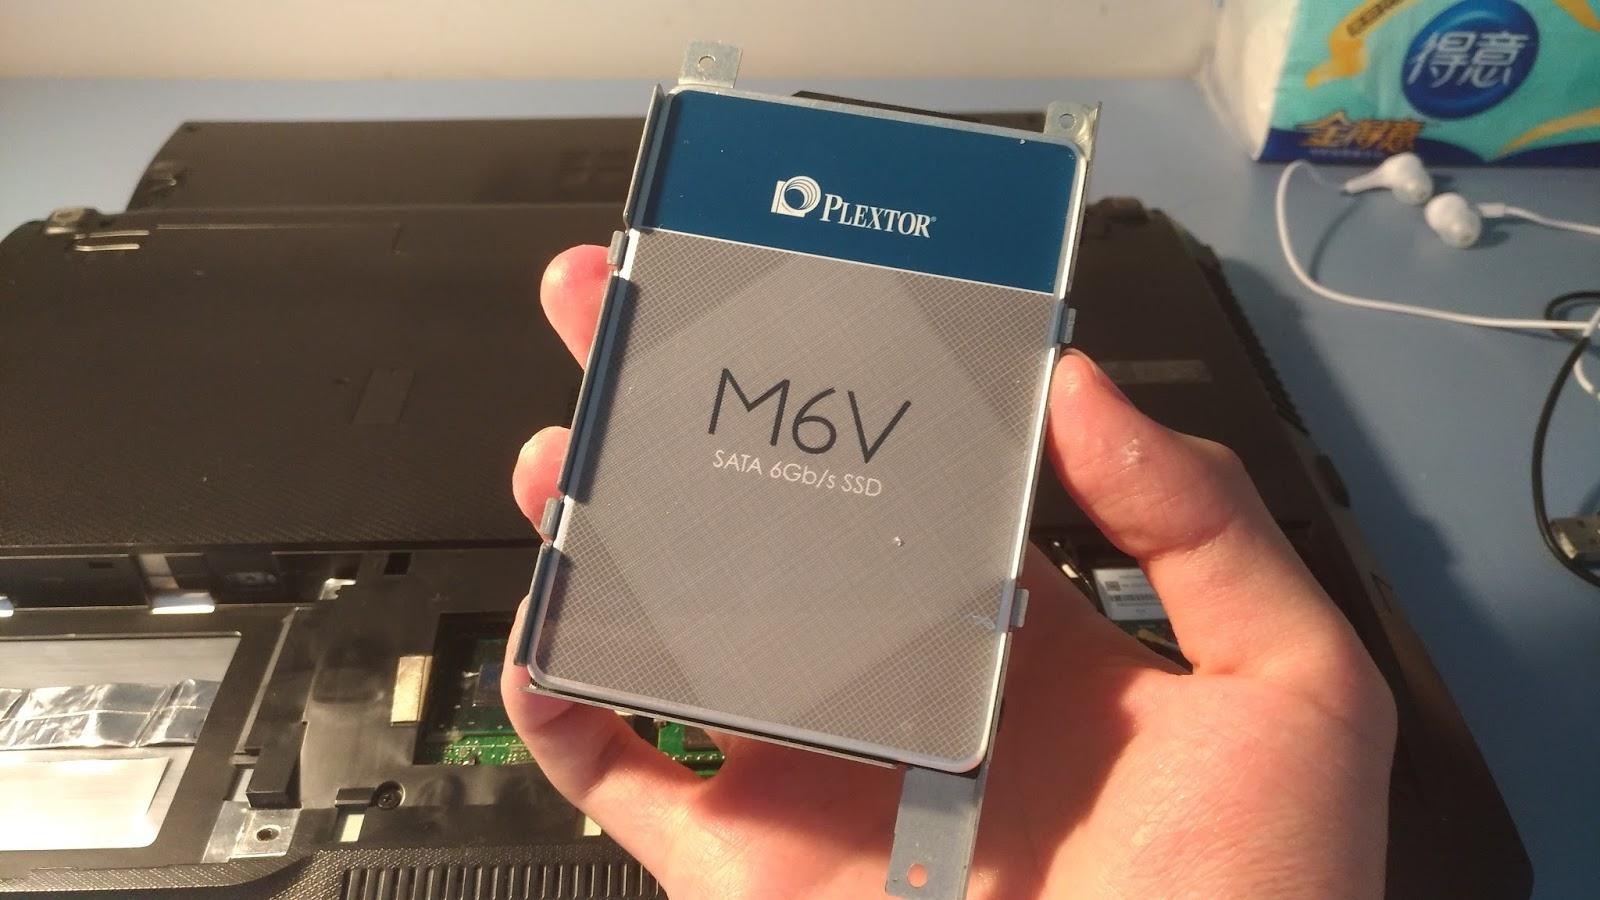 P 20170322 193919 vHDR On - Plextor M6V 256G SSD 開箱評測 & Asus K55VD 拆機升級雙硬碟教學